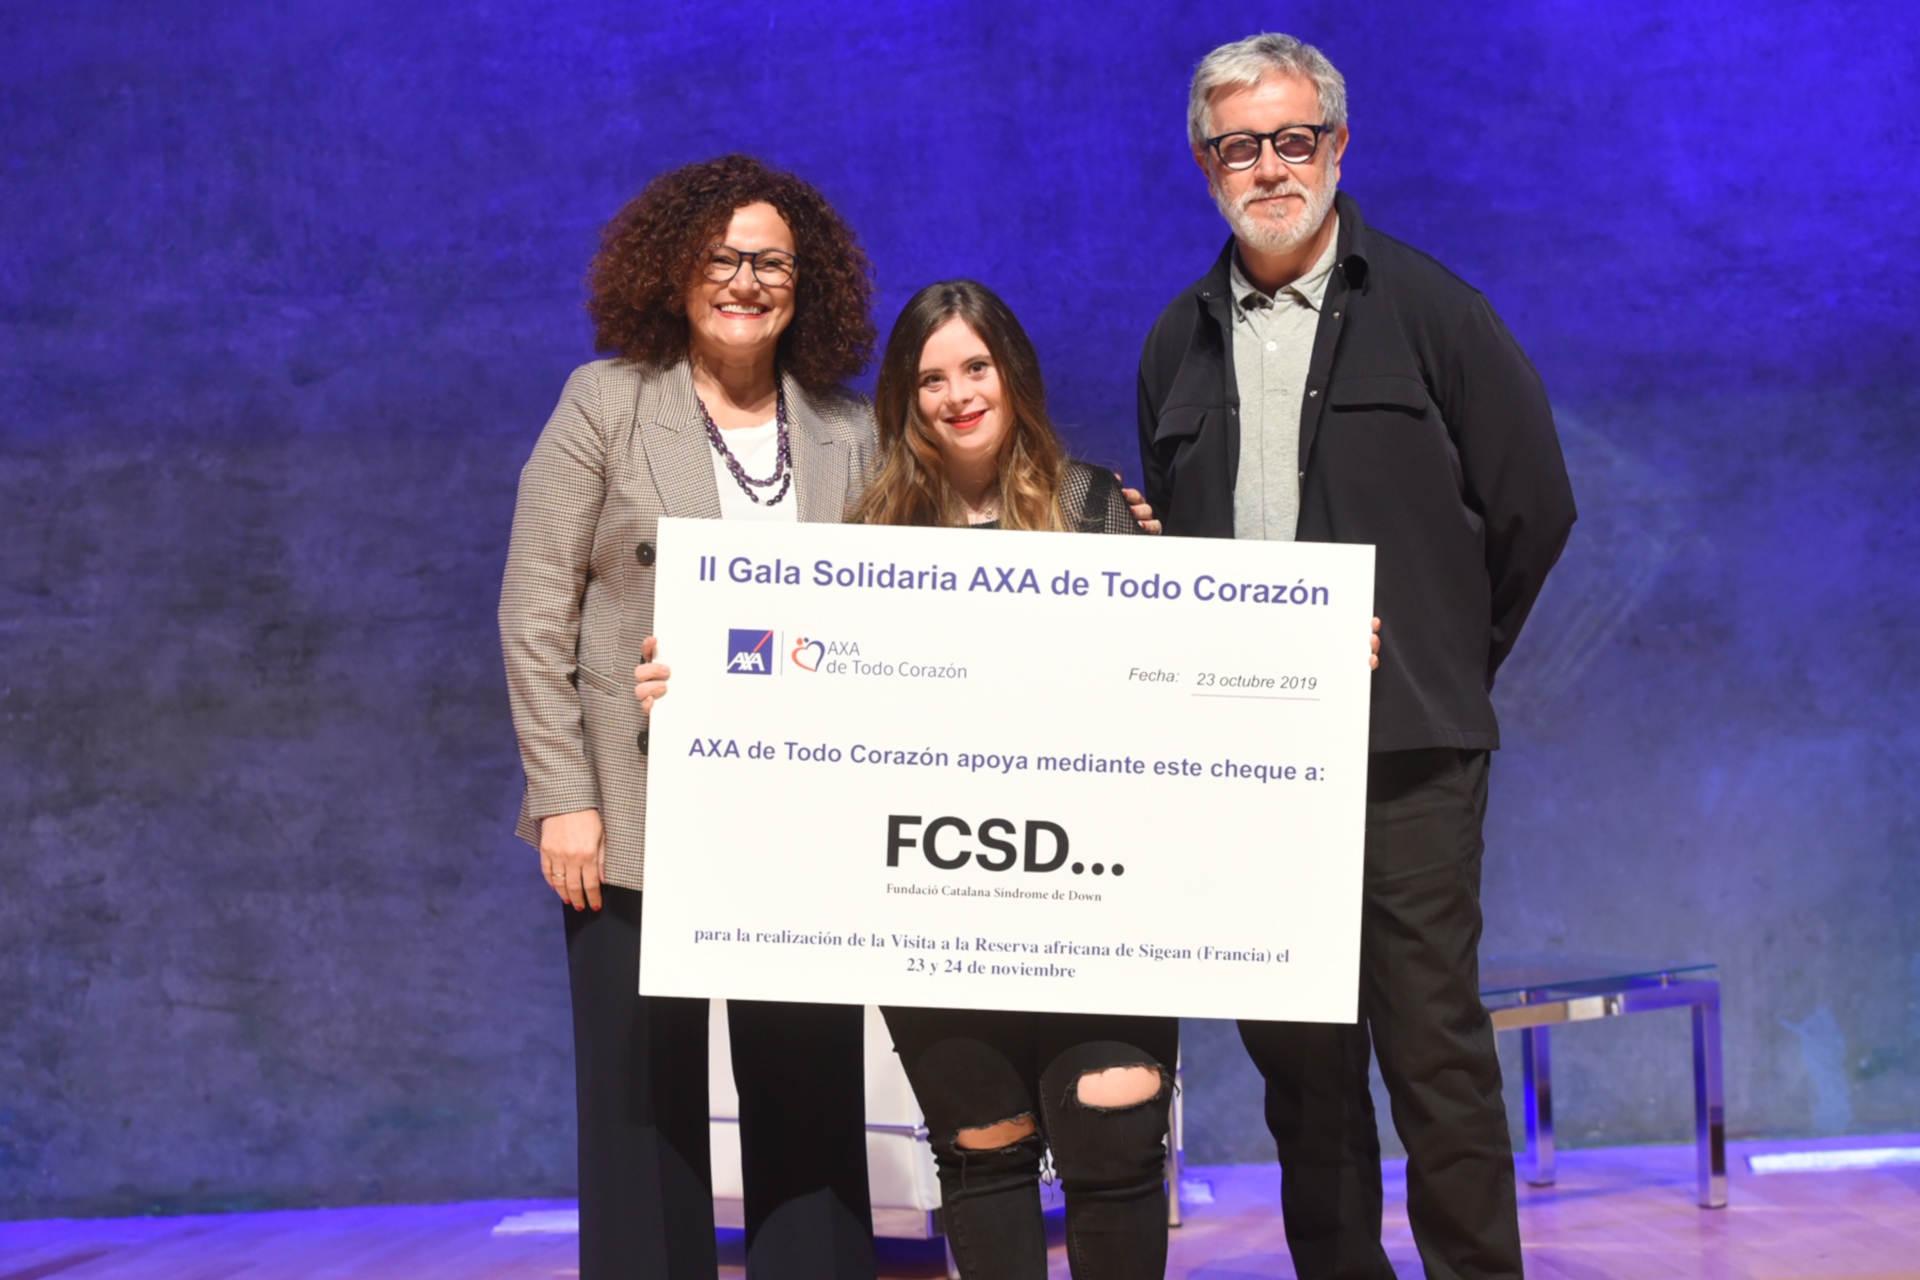 Gala solidaria AXA de todo corazón barcelona 2019 fundacion catalana síndrome down